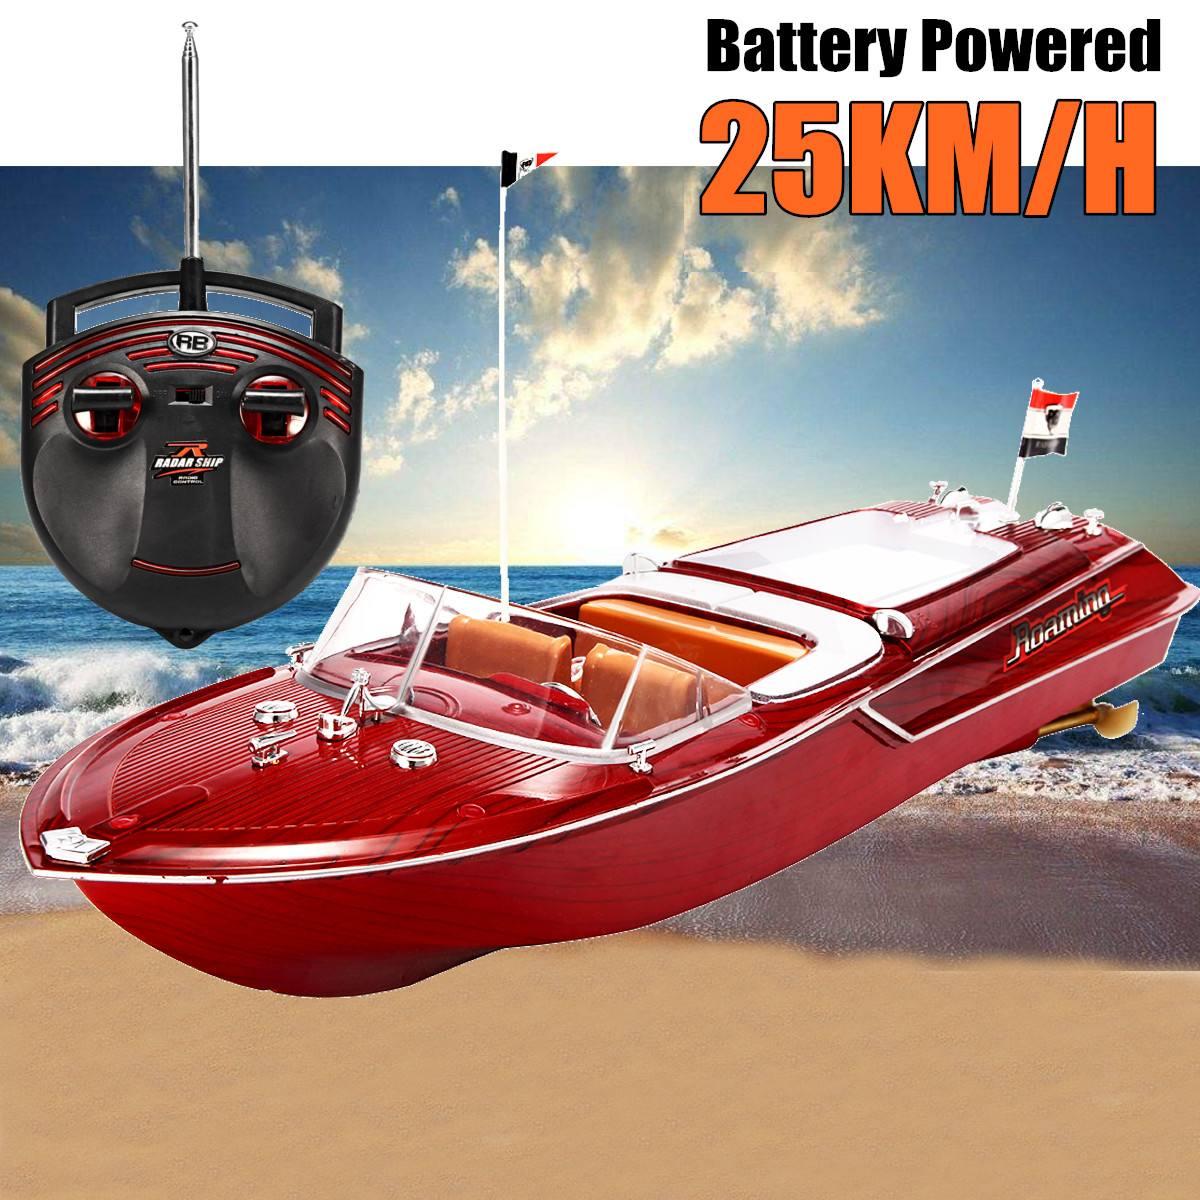 Vier-weg Mini Drahtlose Fernbedienung Submarine Kinder Spielzeug Motorboot Simulation Fernbedienung Schiff Modell Freies Verschiffen Sammeln & Seltenes Fernbedienung Spielzeug